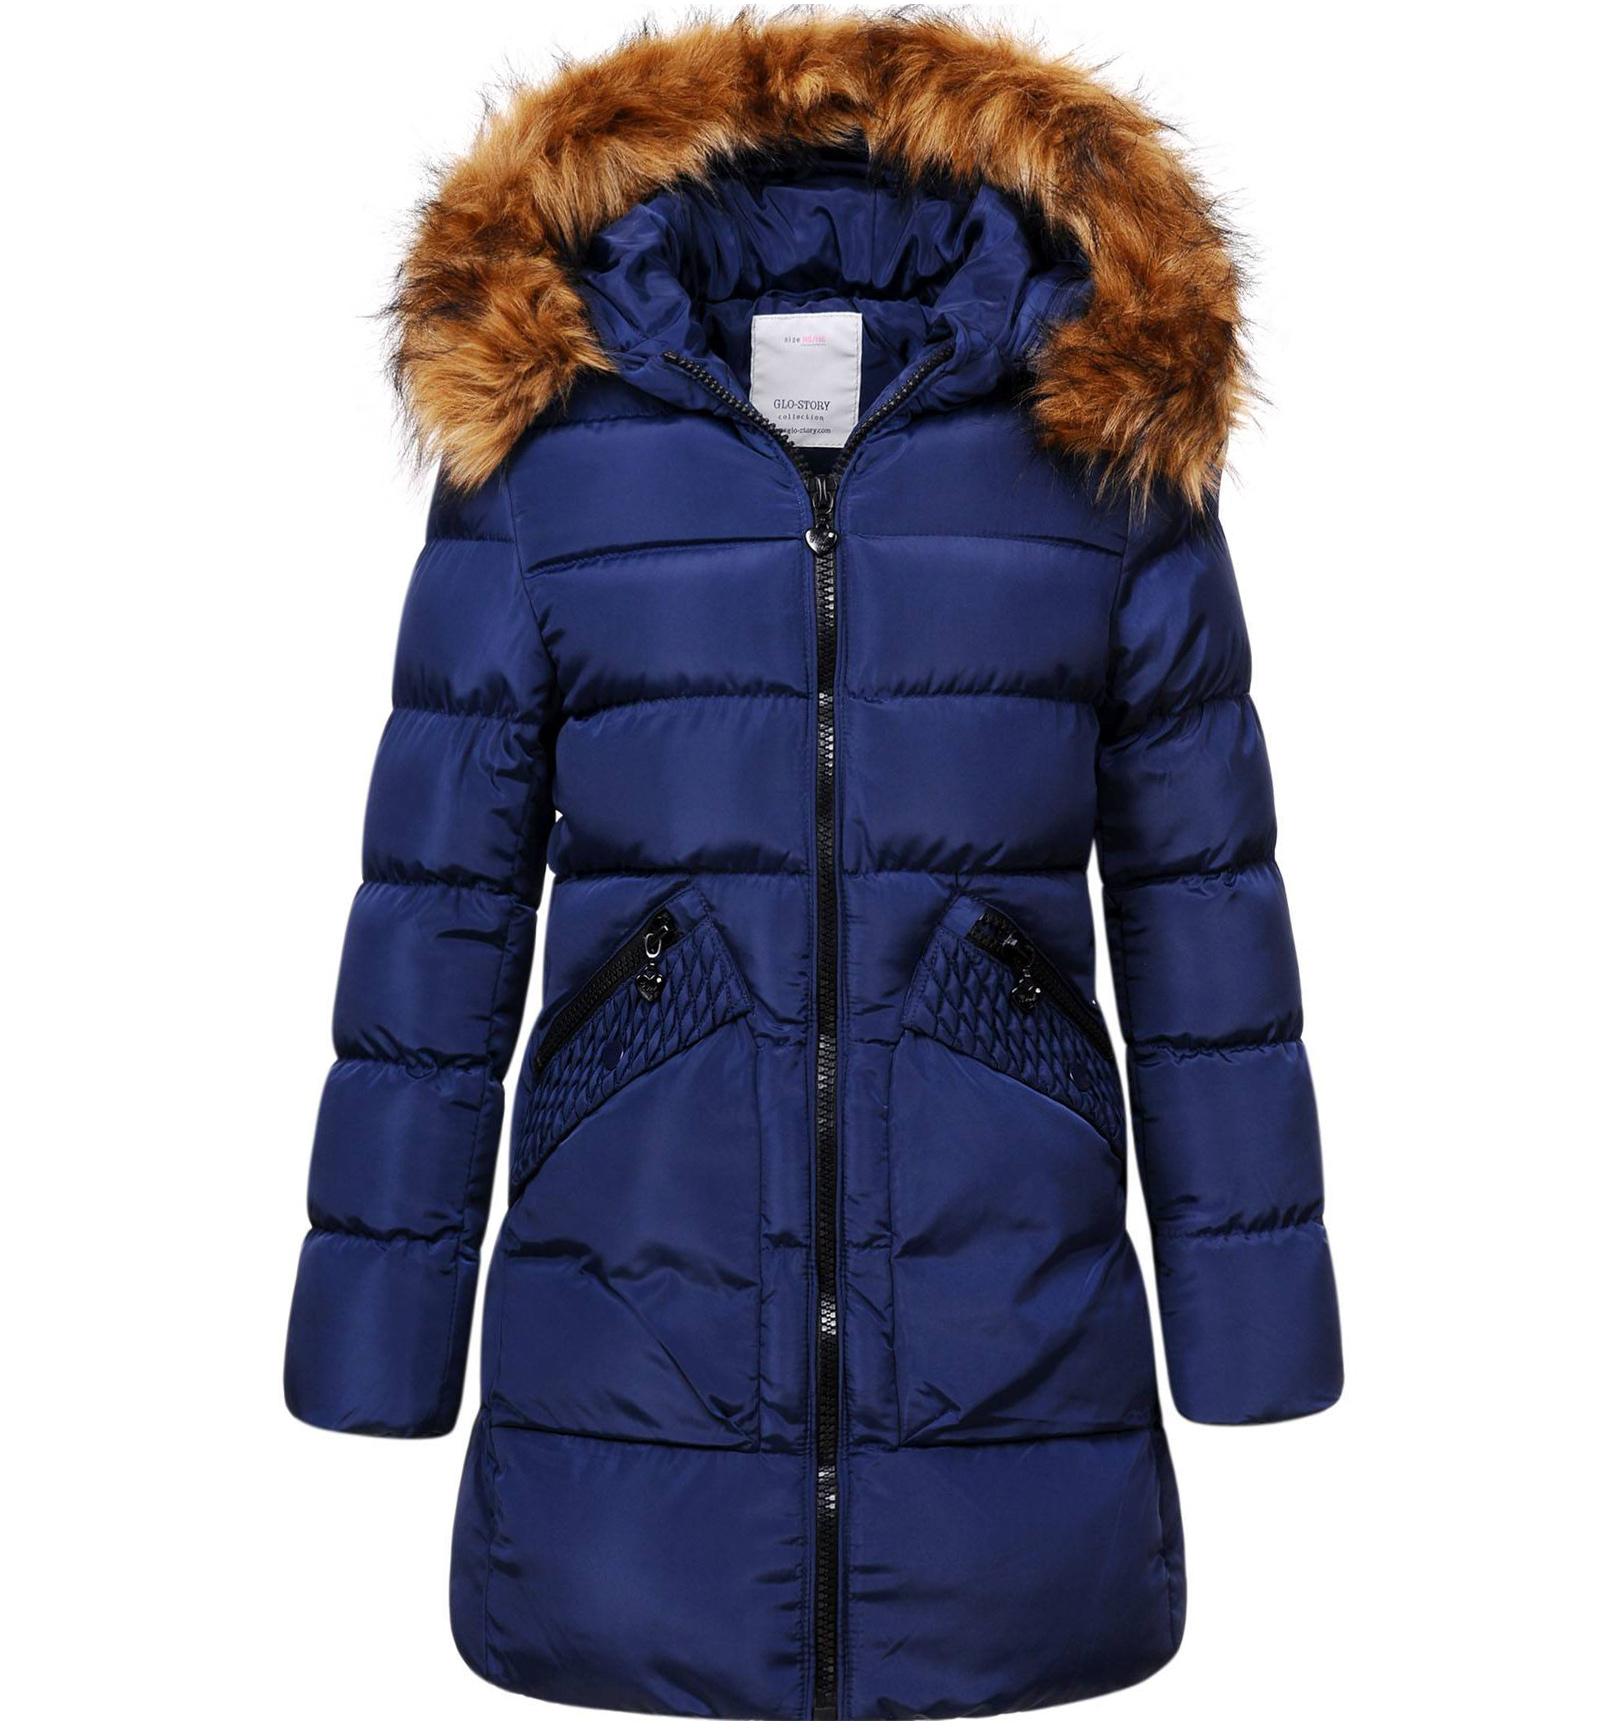 Dívčí zimní kabát GLO STORY GIRL 96 tmavě modrý Velikost: 134